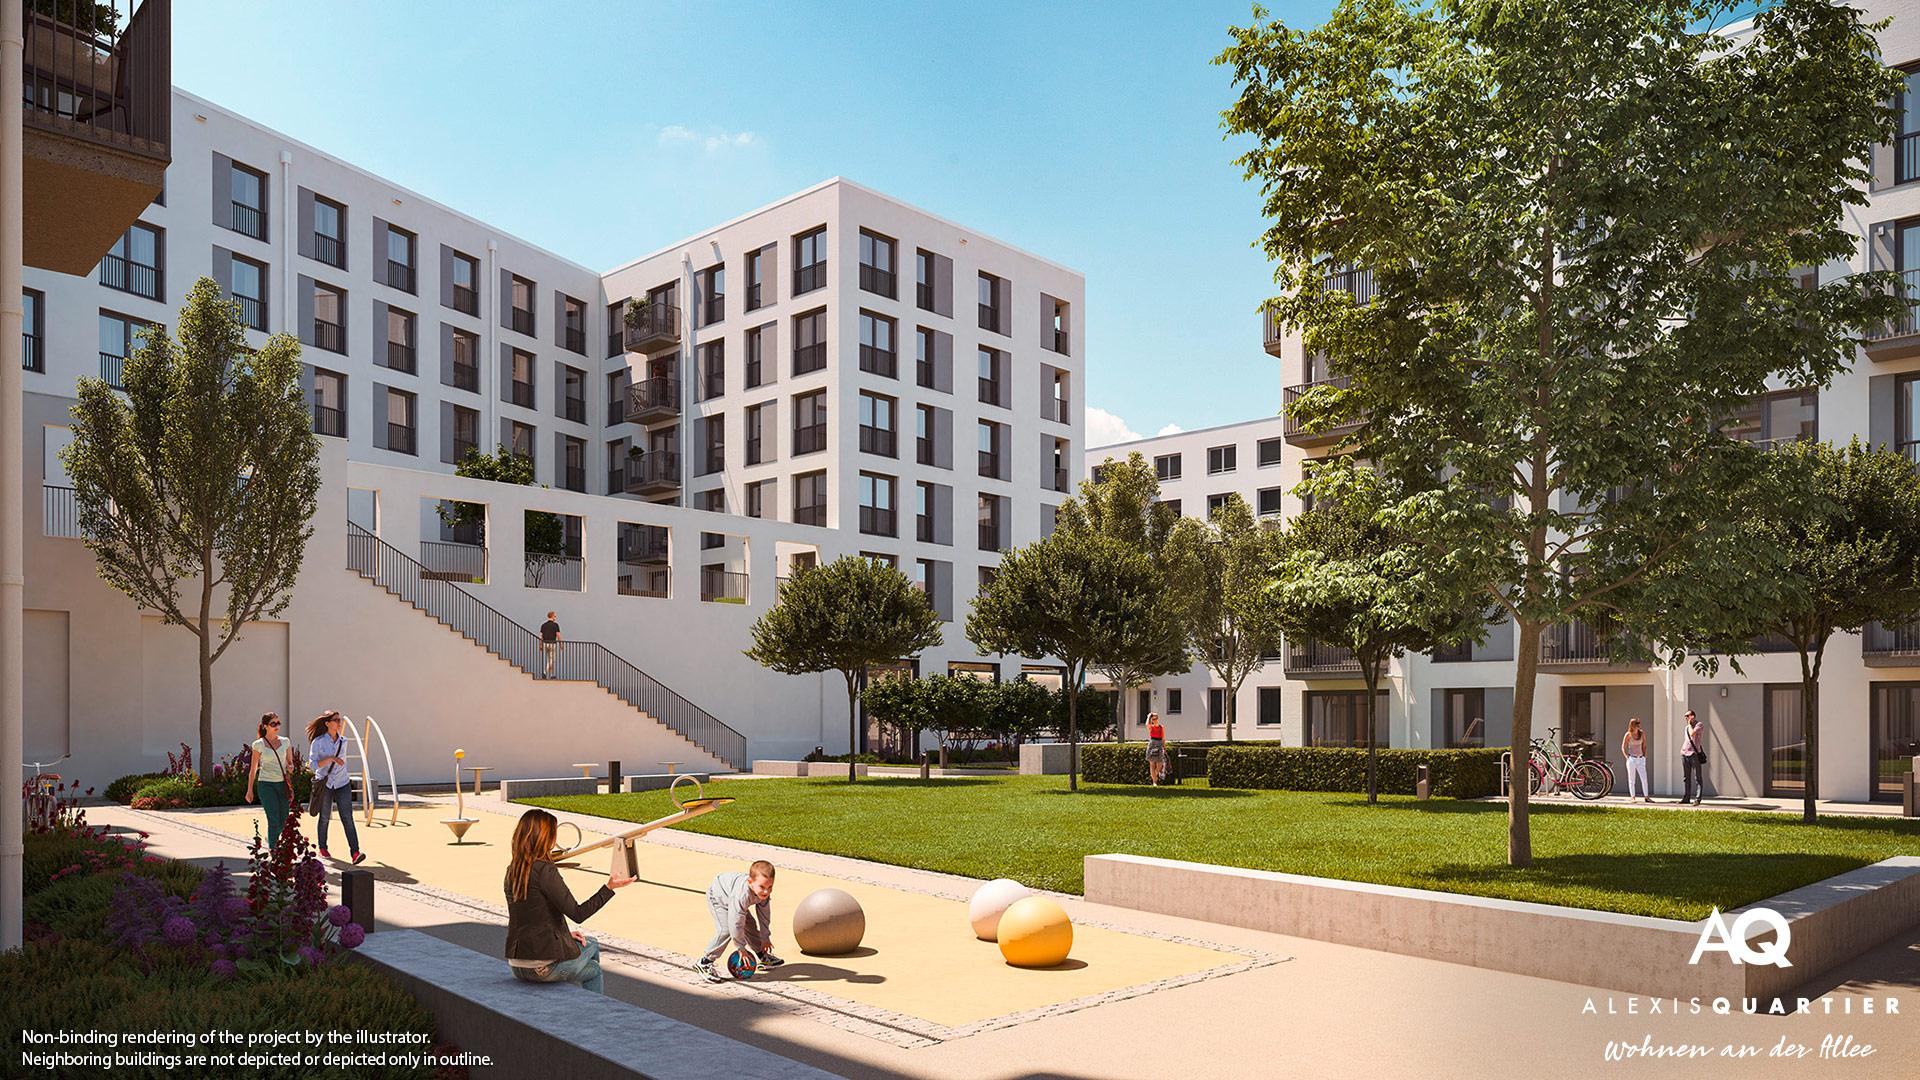 Property Alexisquartier - Wohnen an der Allee - Illustration 5